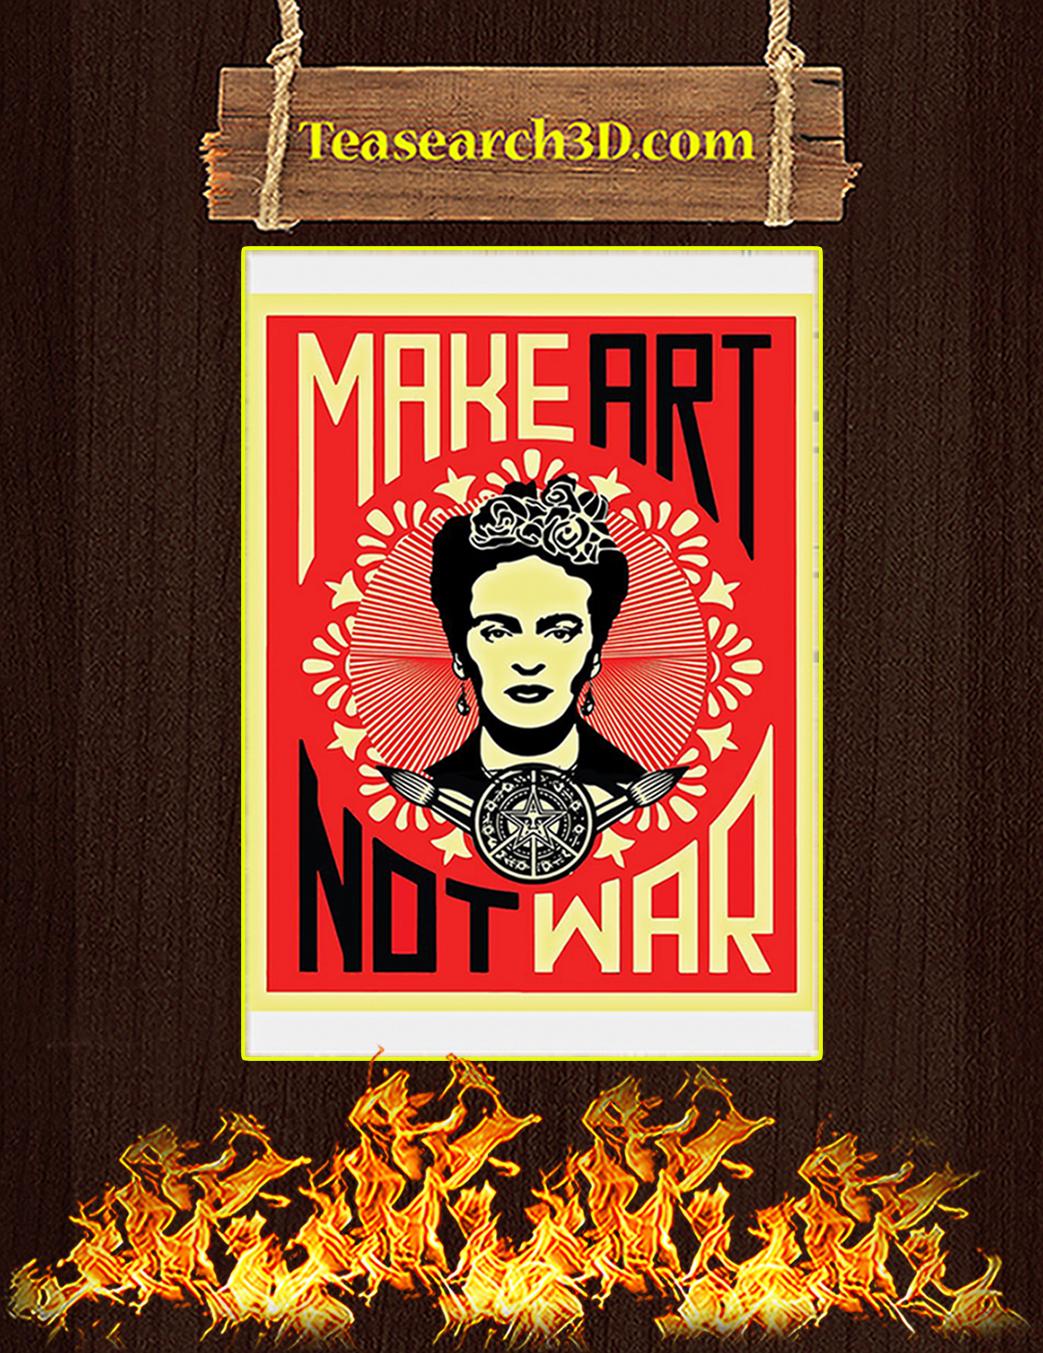 Frida kahlo make art not war poster A1